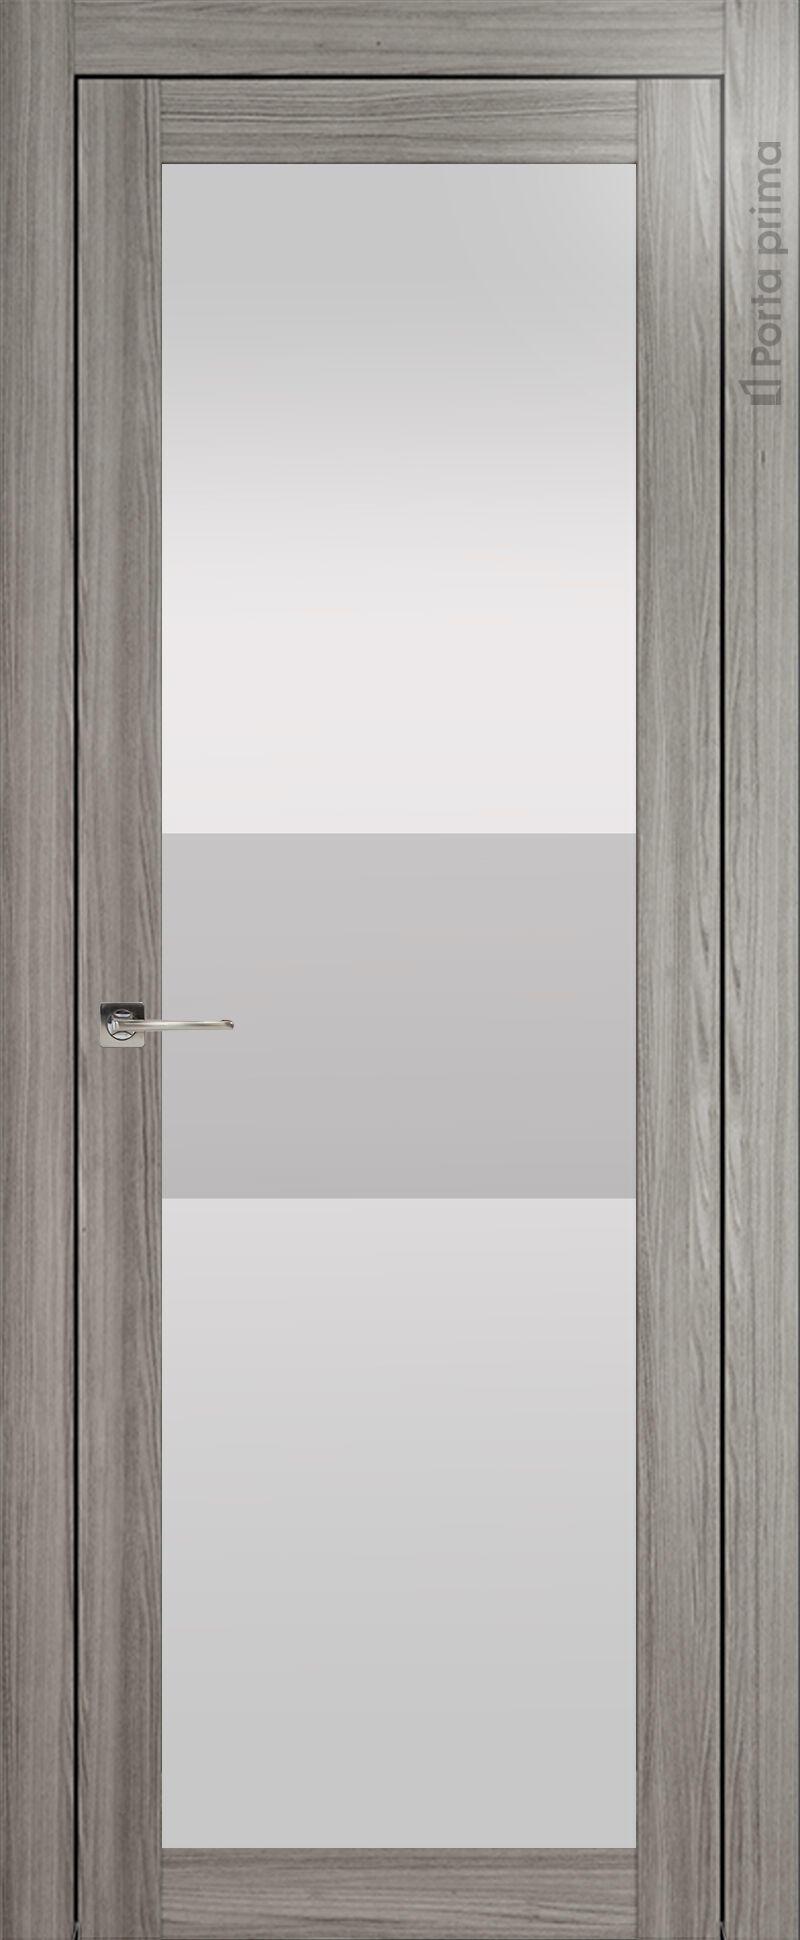 Tivoli З-4 цвет - Орех пепельный Со стеклом (ДО)